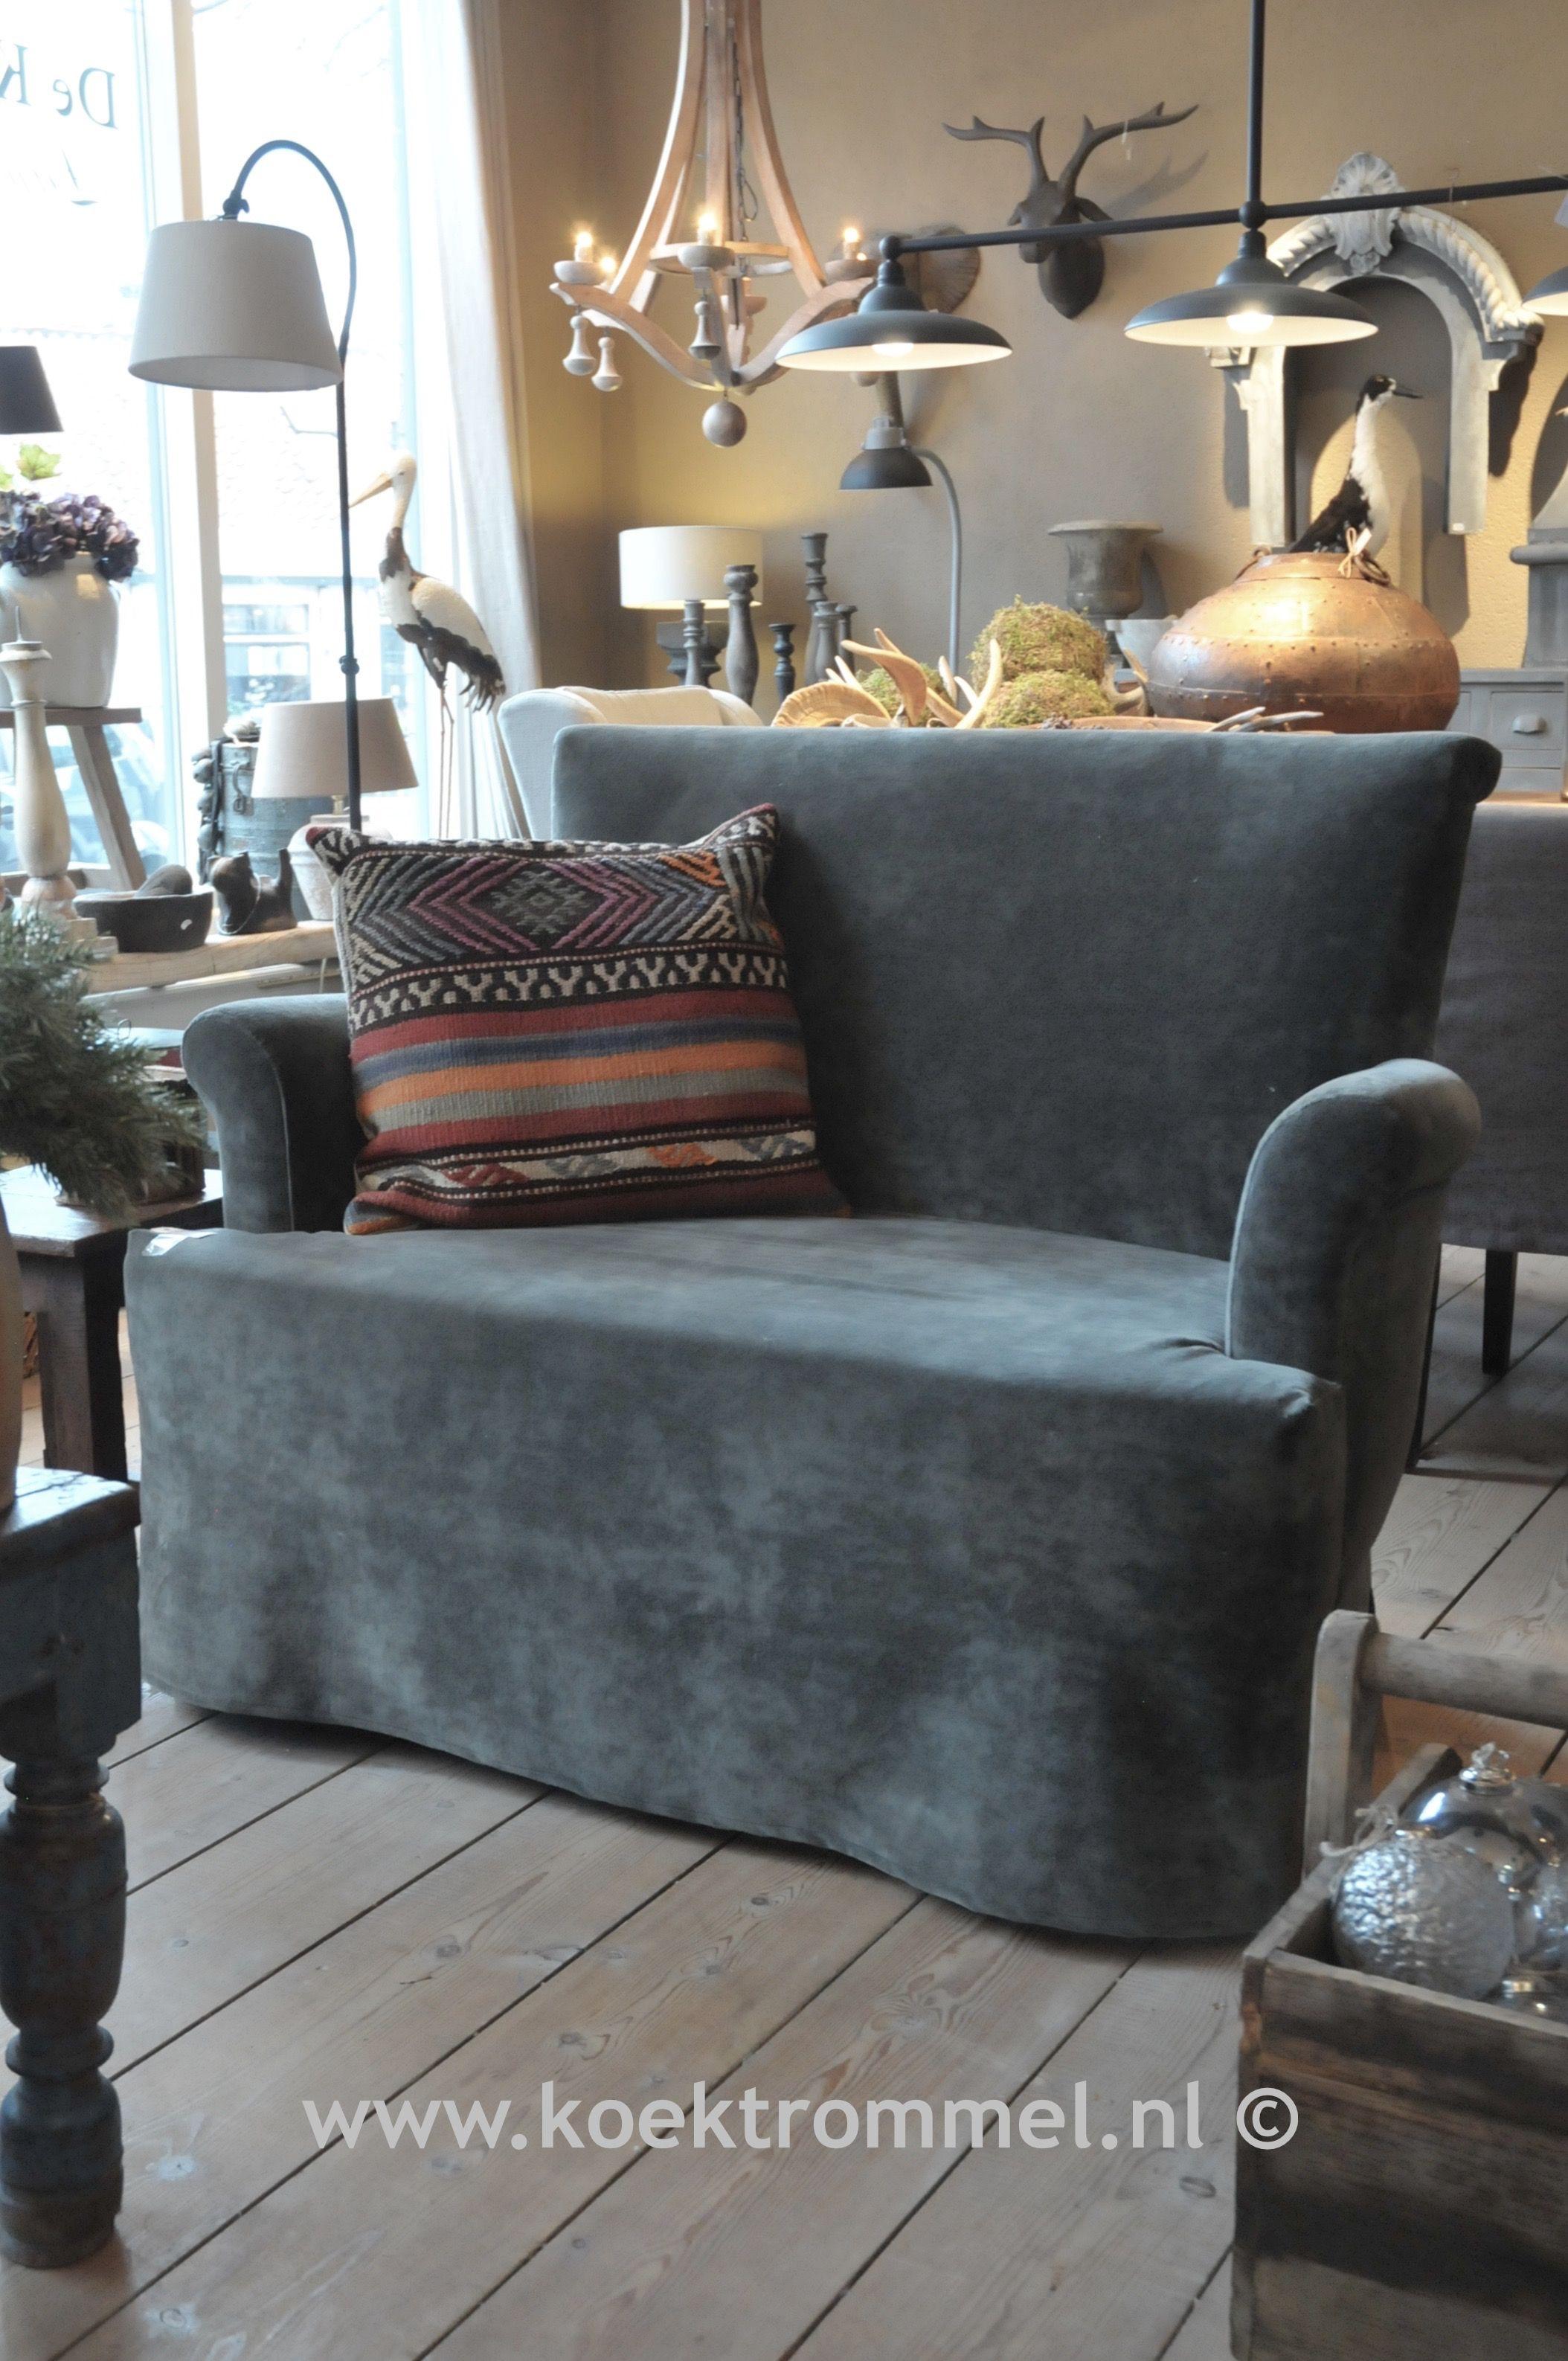 Sofa livia van hoffz interieur hier in een loveseat uitvoering zitmeubelen pinterest - Deco keuken chique platteland ...